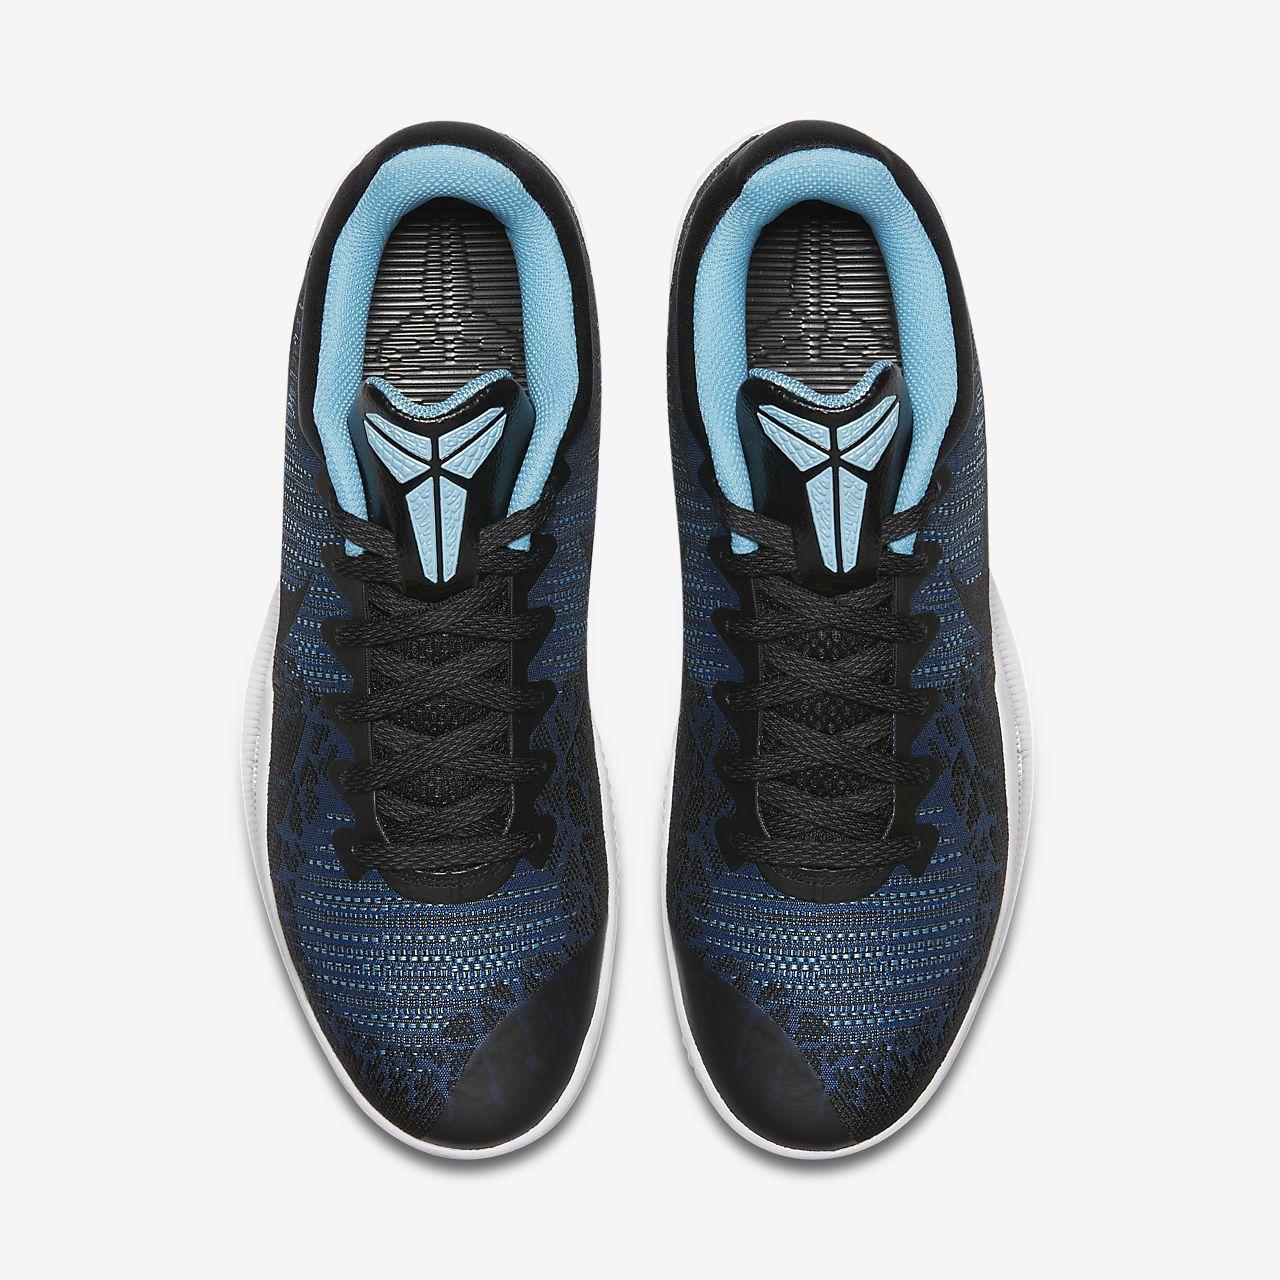 Homme Pour Kobe Basketball Chaussure Bleu Mamba Rage Nike De qU8SA1